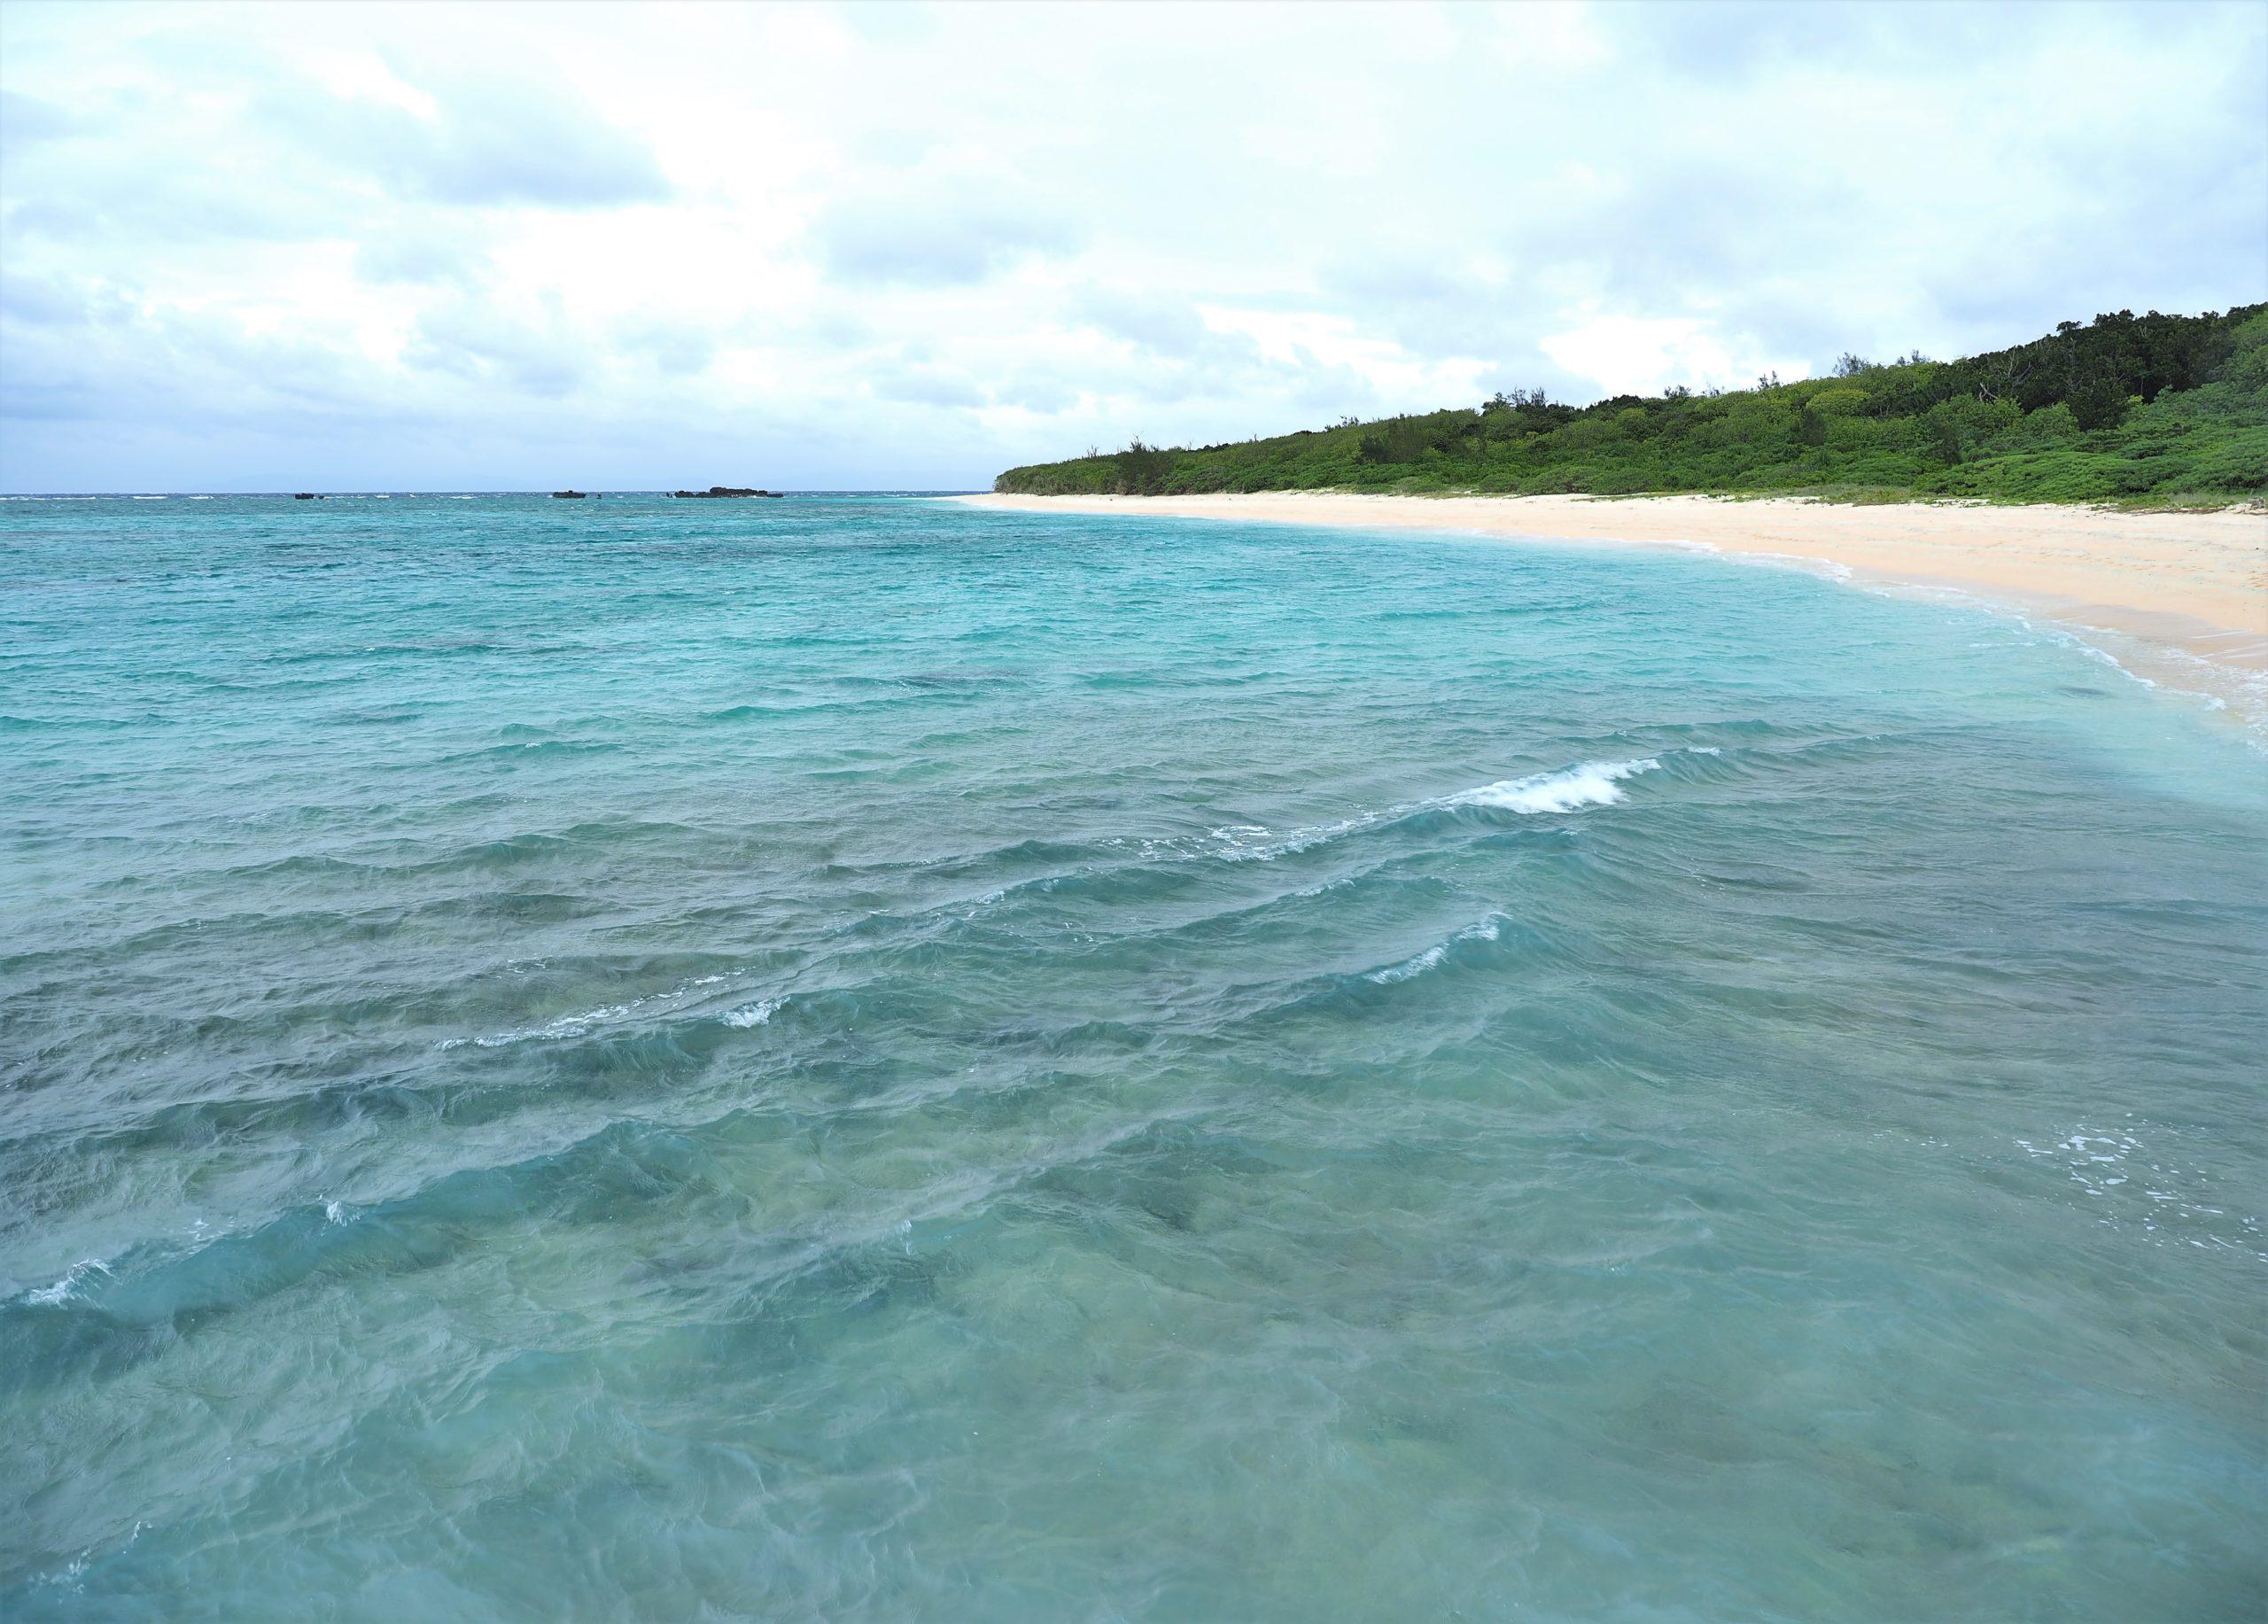 沖縄県 波照間島 浜シタン群落